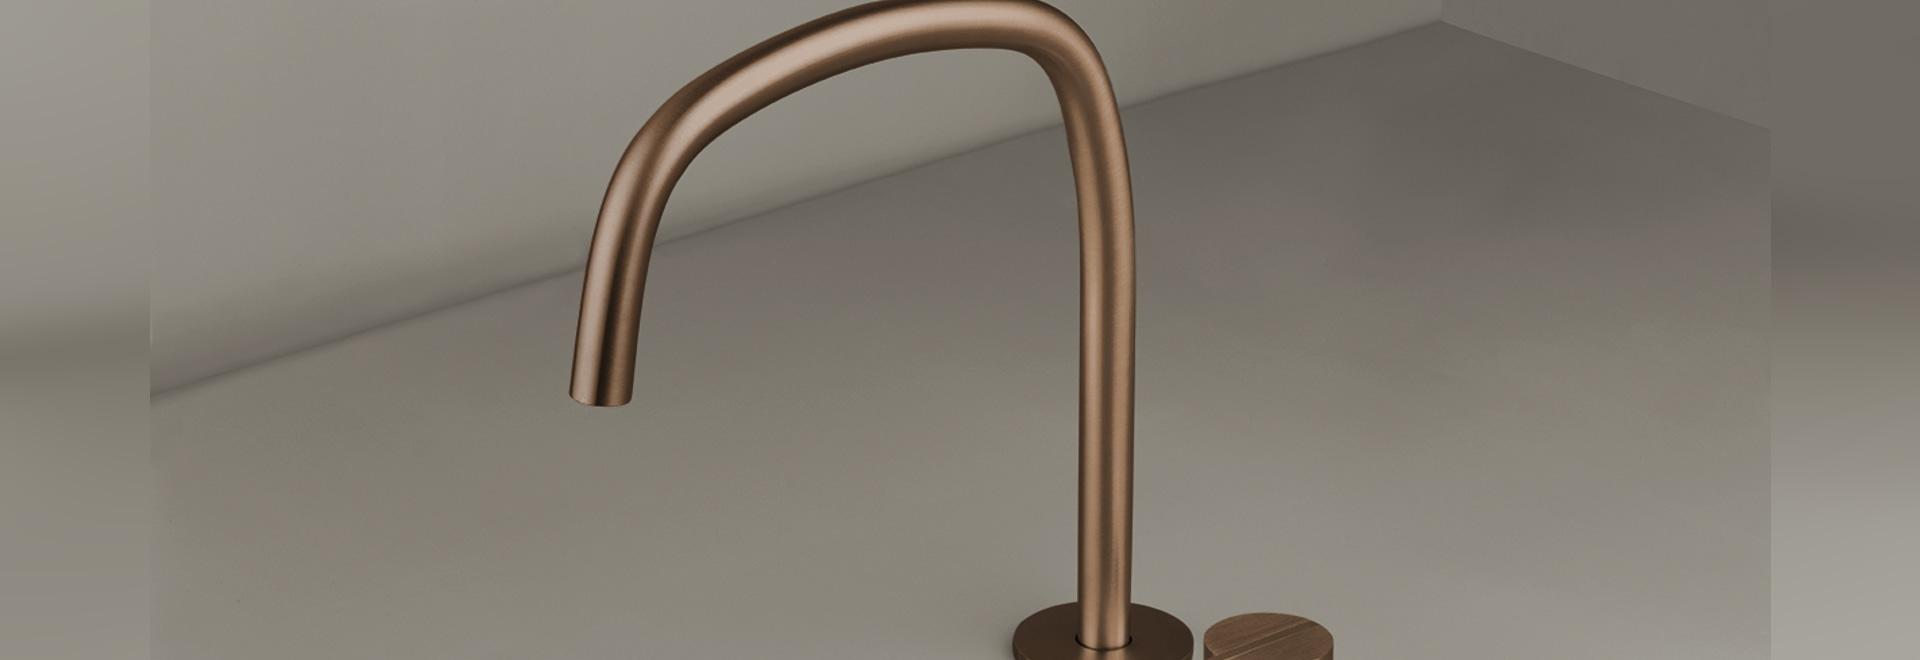 Le ® de Piet Boon conçoit la nouvelle collection de salle de bains pour le COCON néerlandais de Brand de concepteur